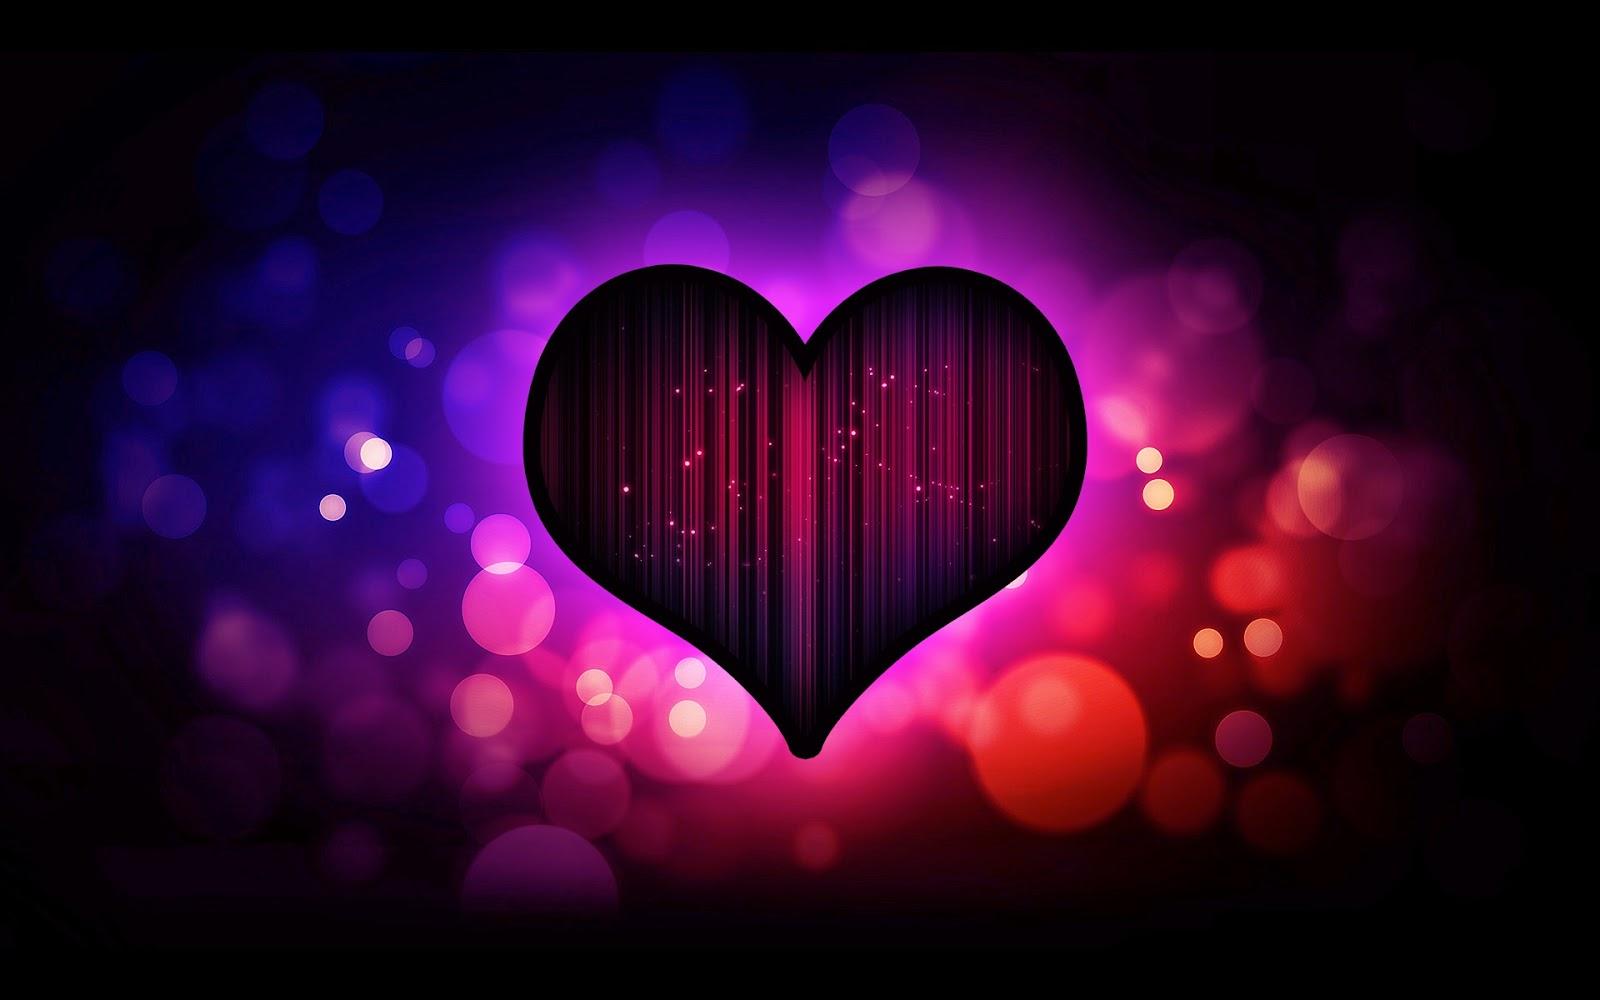 Las imagenes de amor fondo de pantalla coraz n de color for Imagenes nuevas para fondo de pantalla